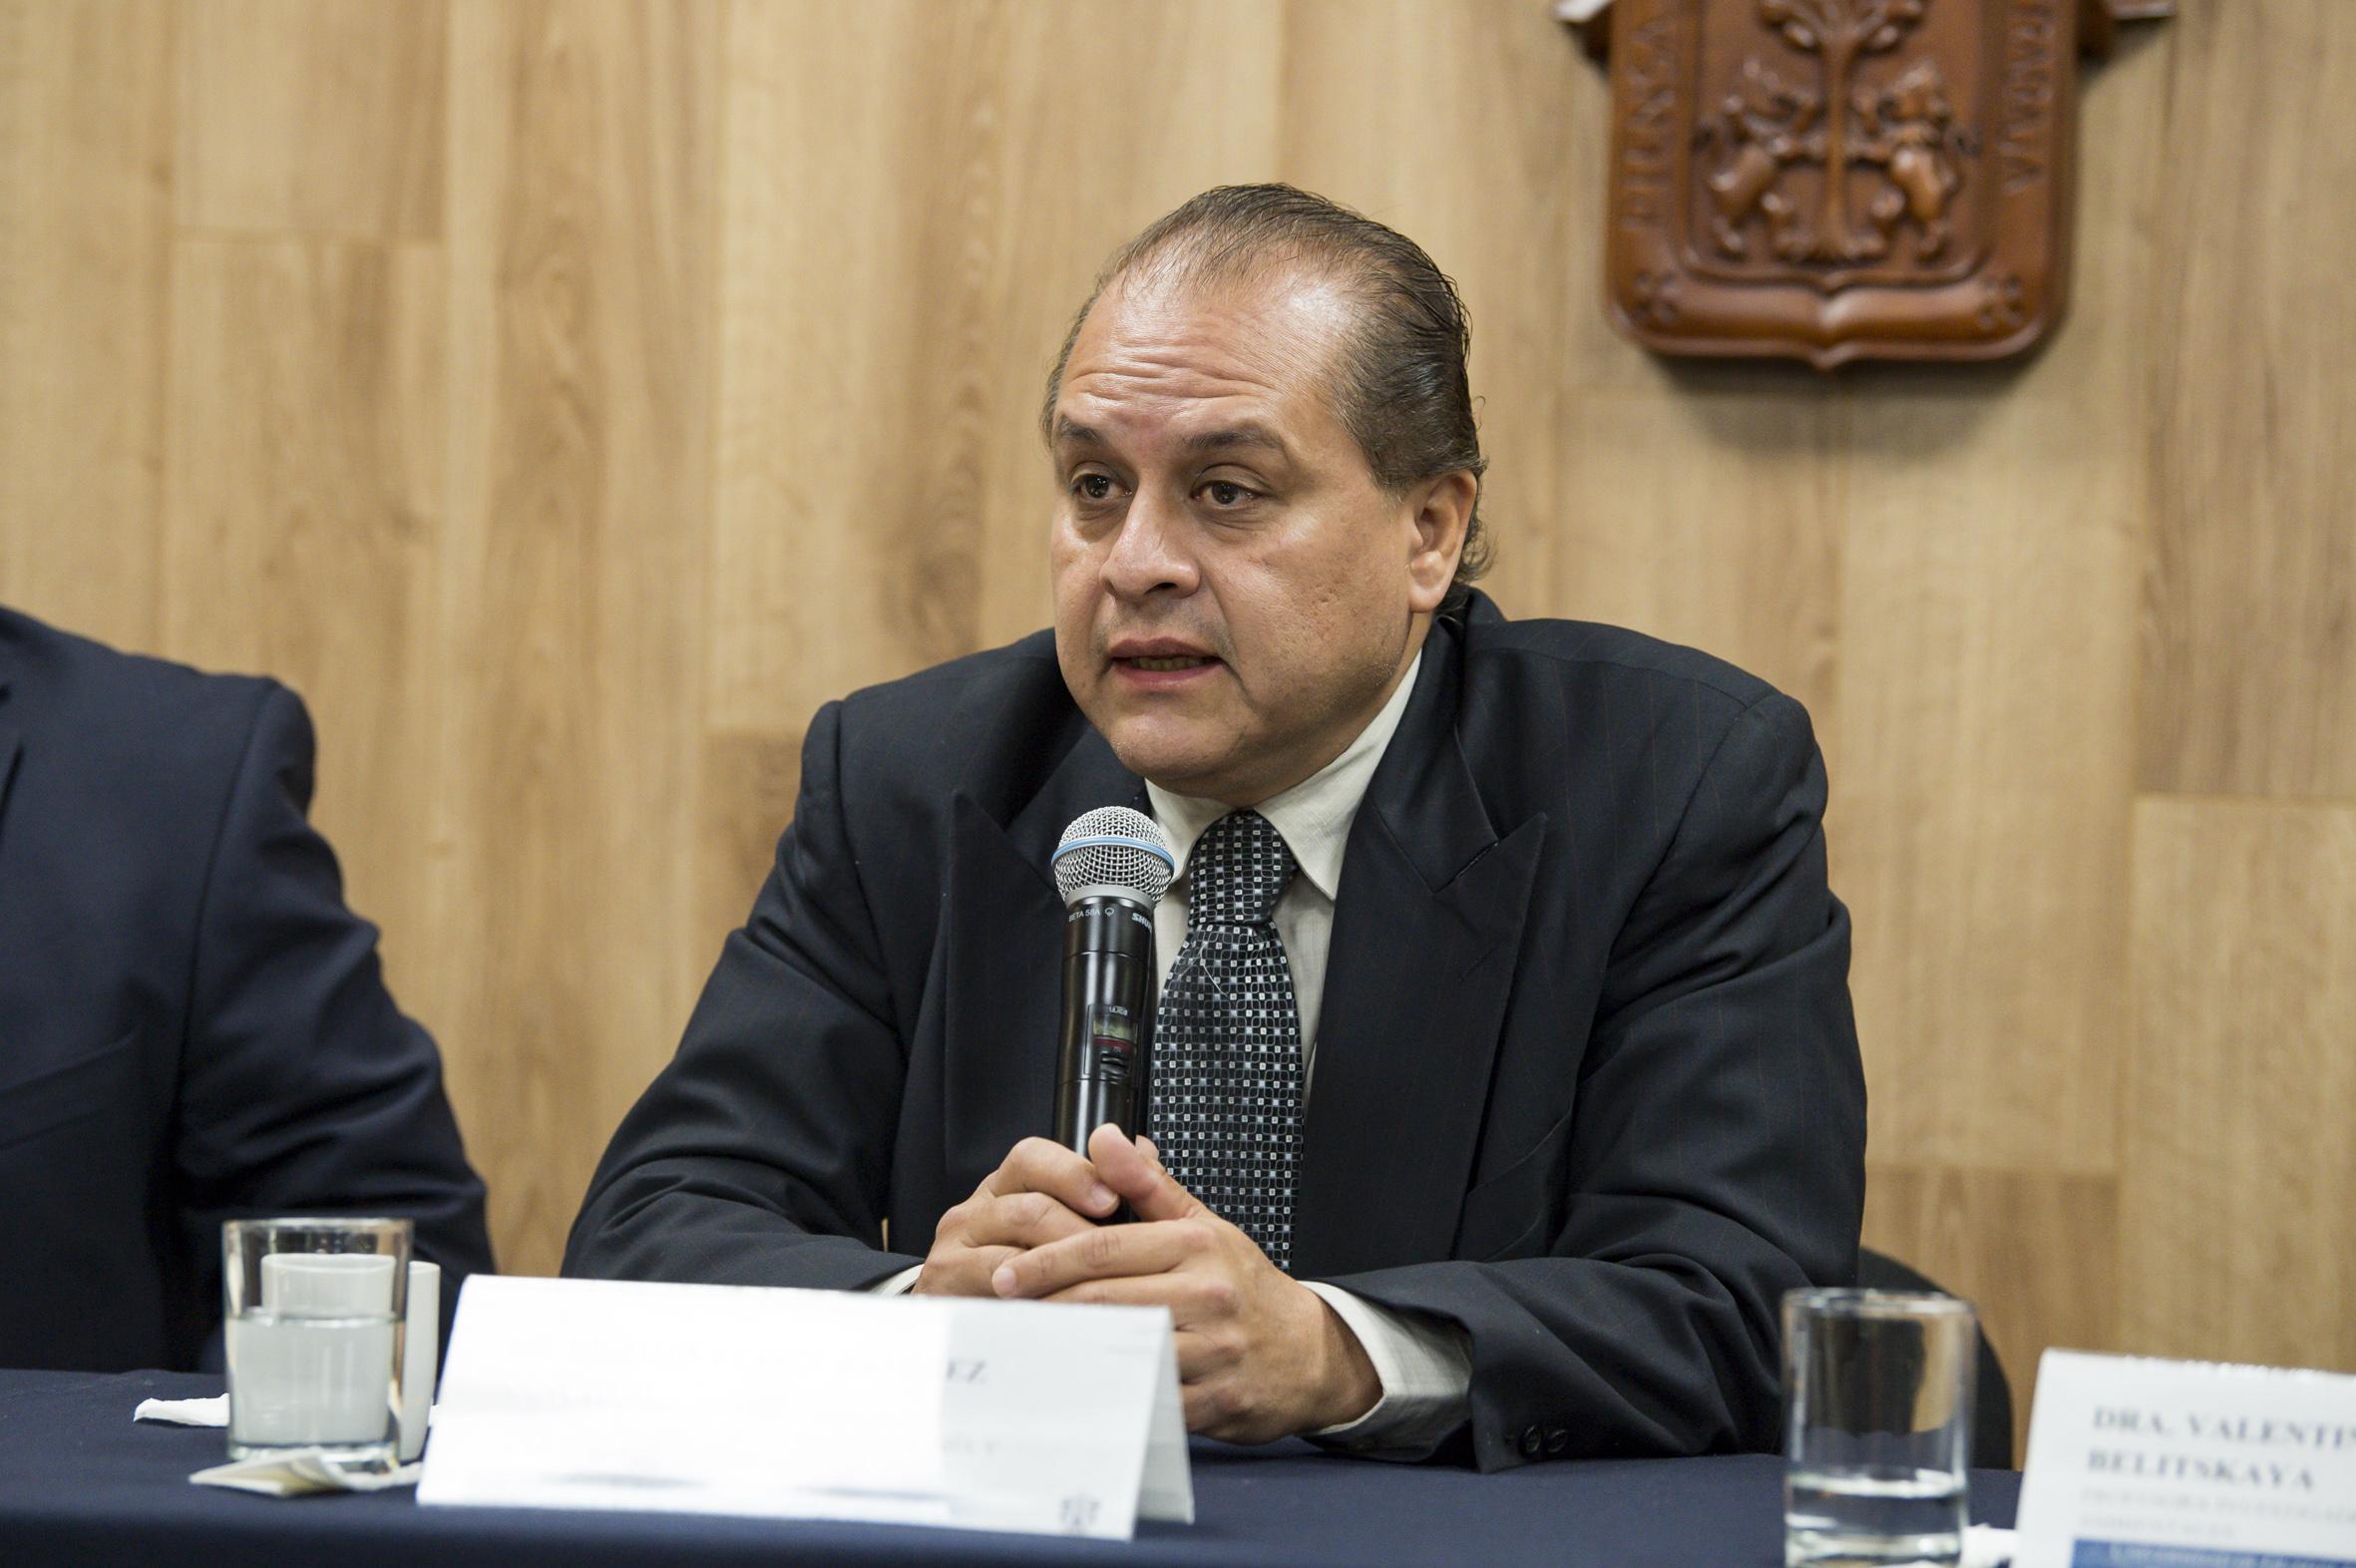 El doctor Hermes Ulises Ramírez hablando al micrófono desde su lugar en la mesa